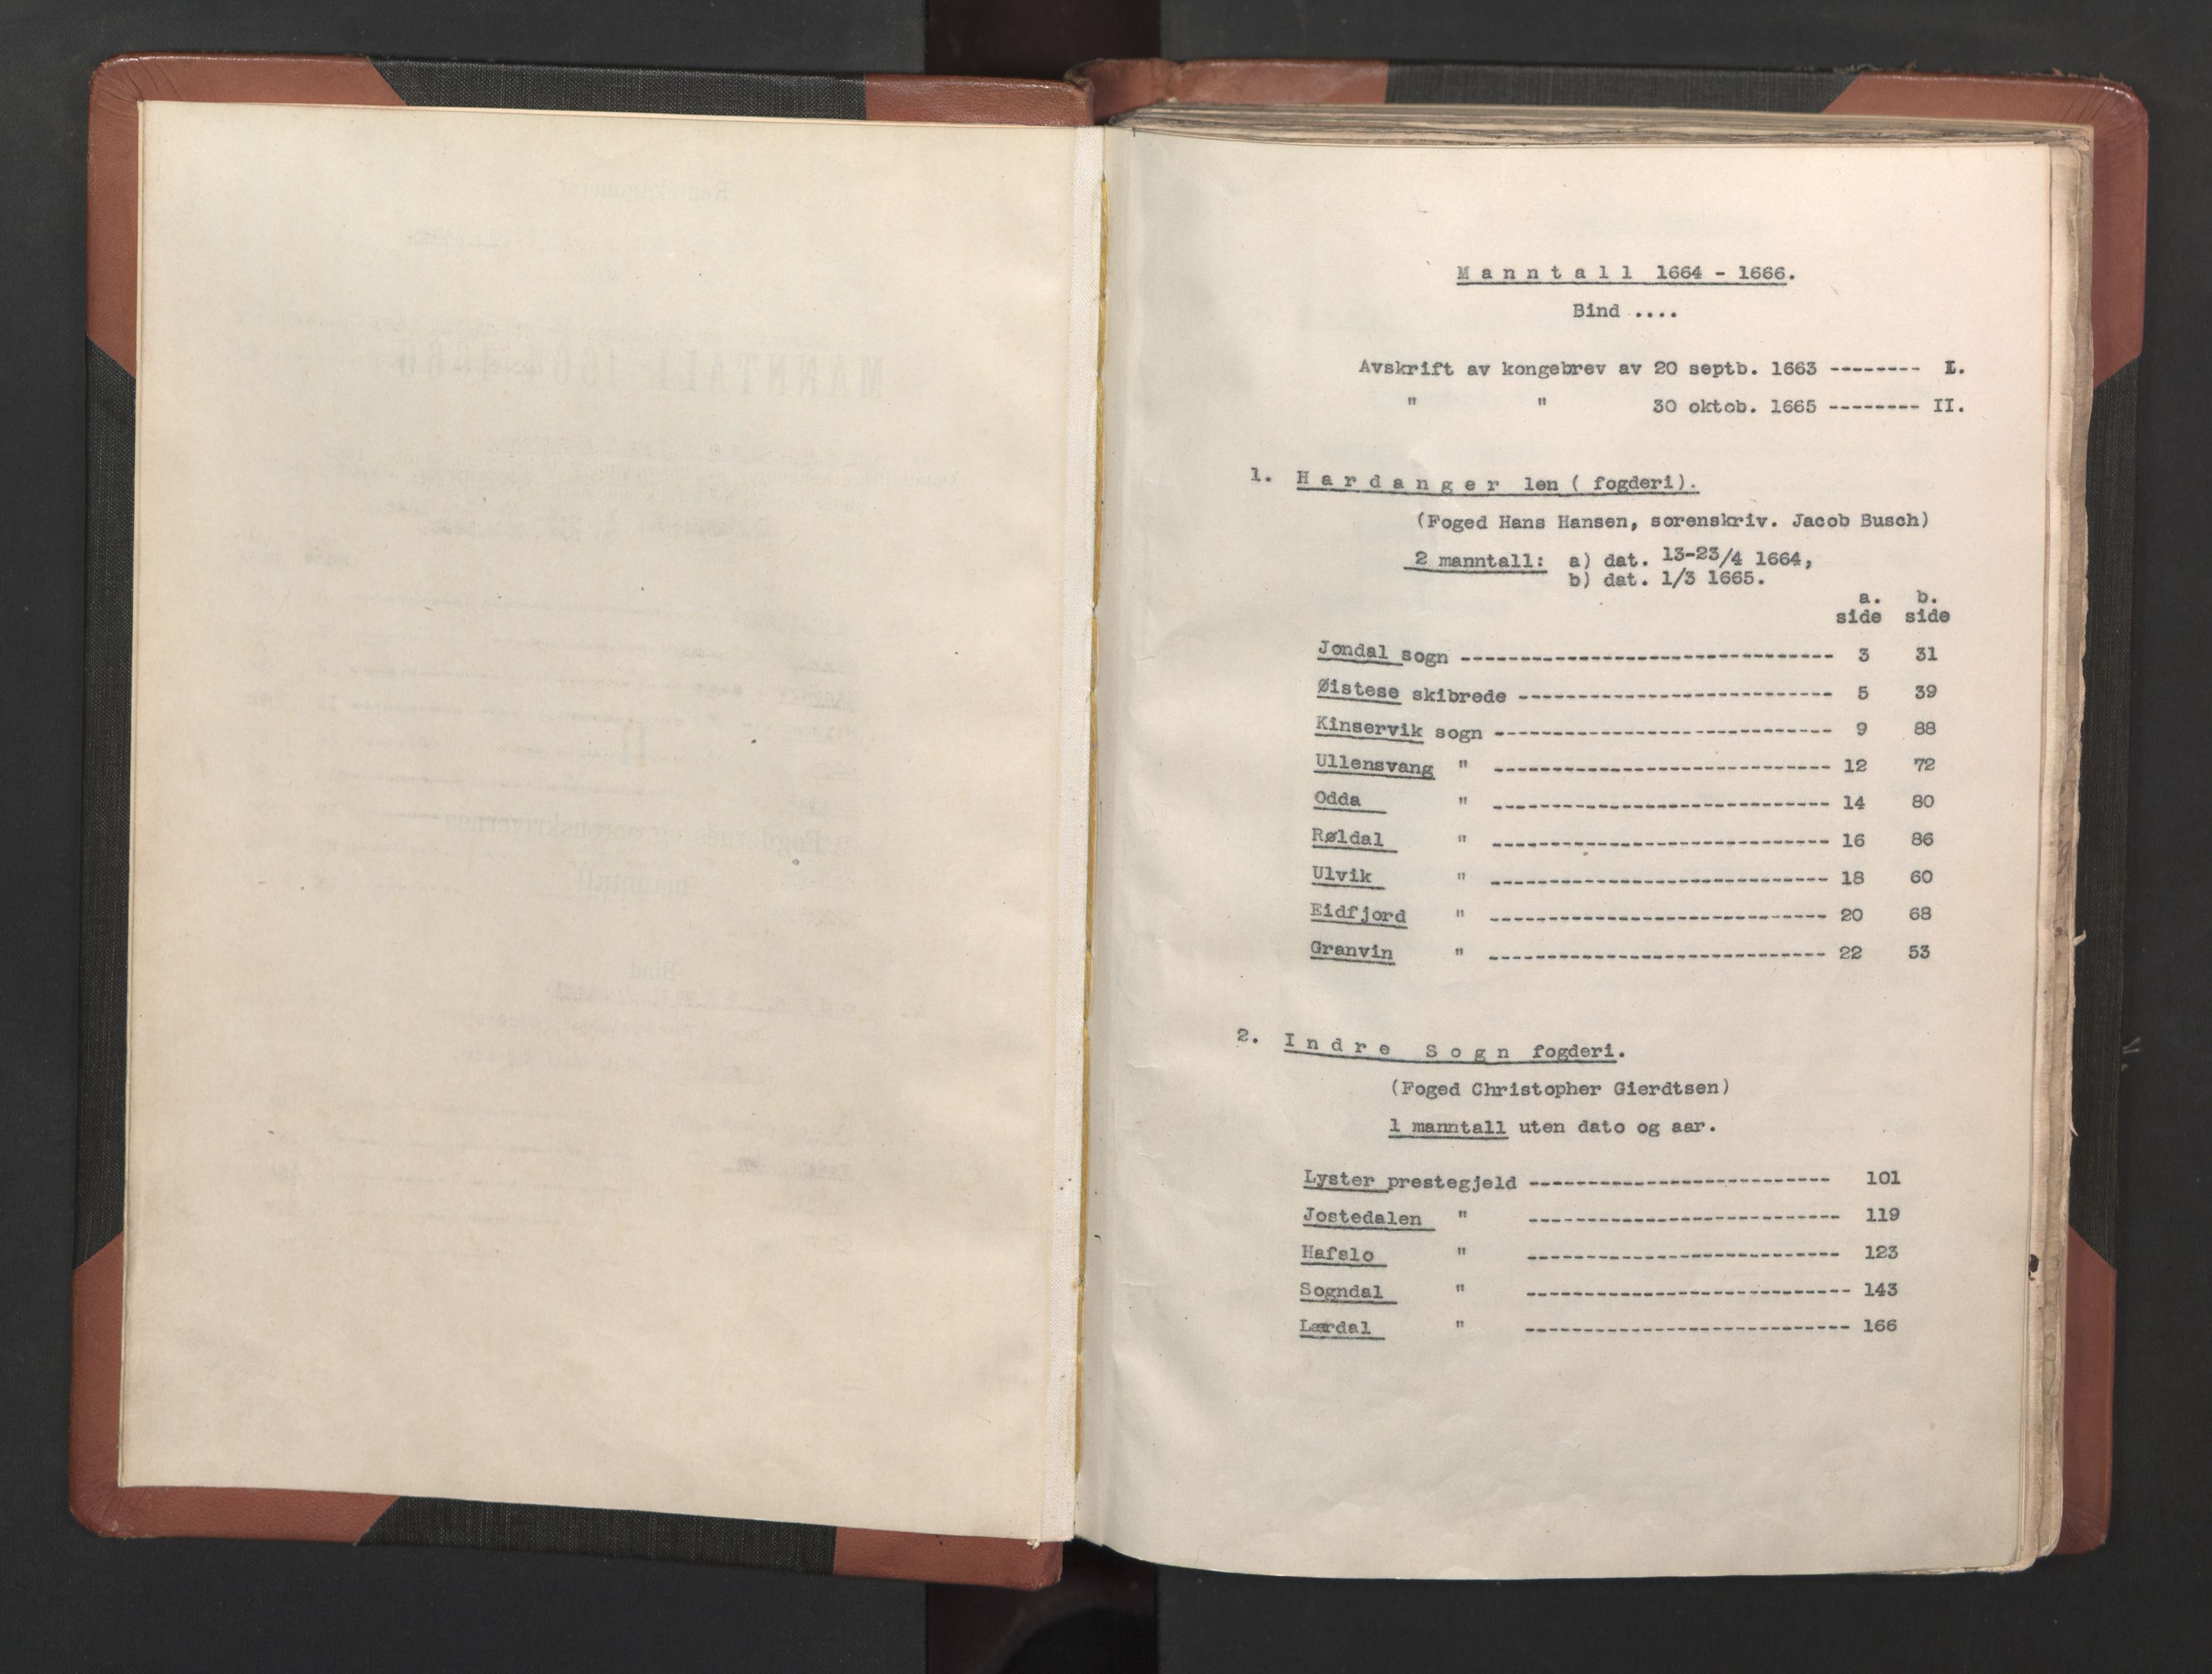 RA, Fogdenes og sorenskrivernes manntall 1664-1666, nr. 14: Hardanger len, Ytre Sogn fogderi og Indre Sogn fogderi, 1664-1665, s. upaginert